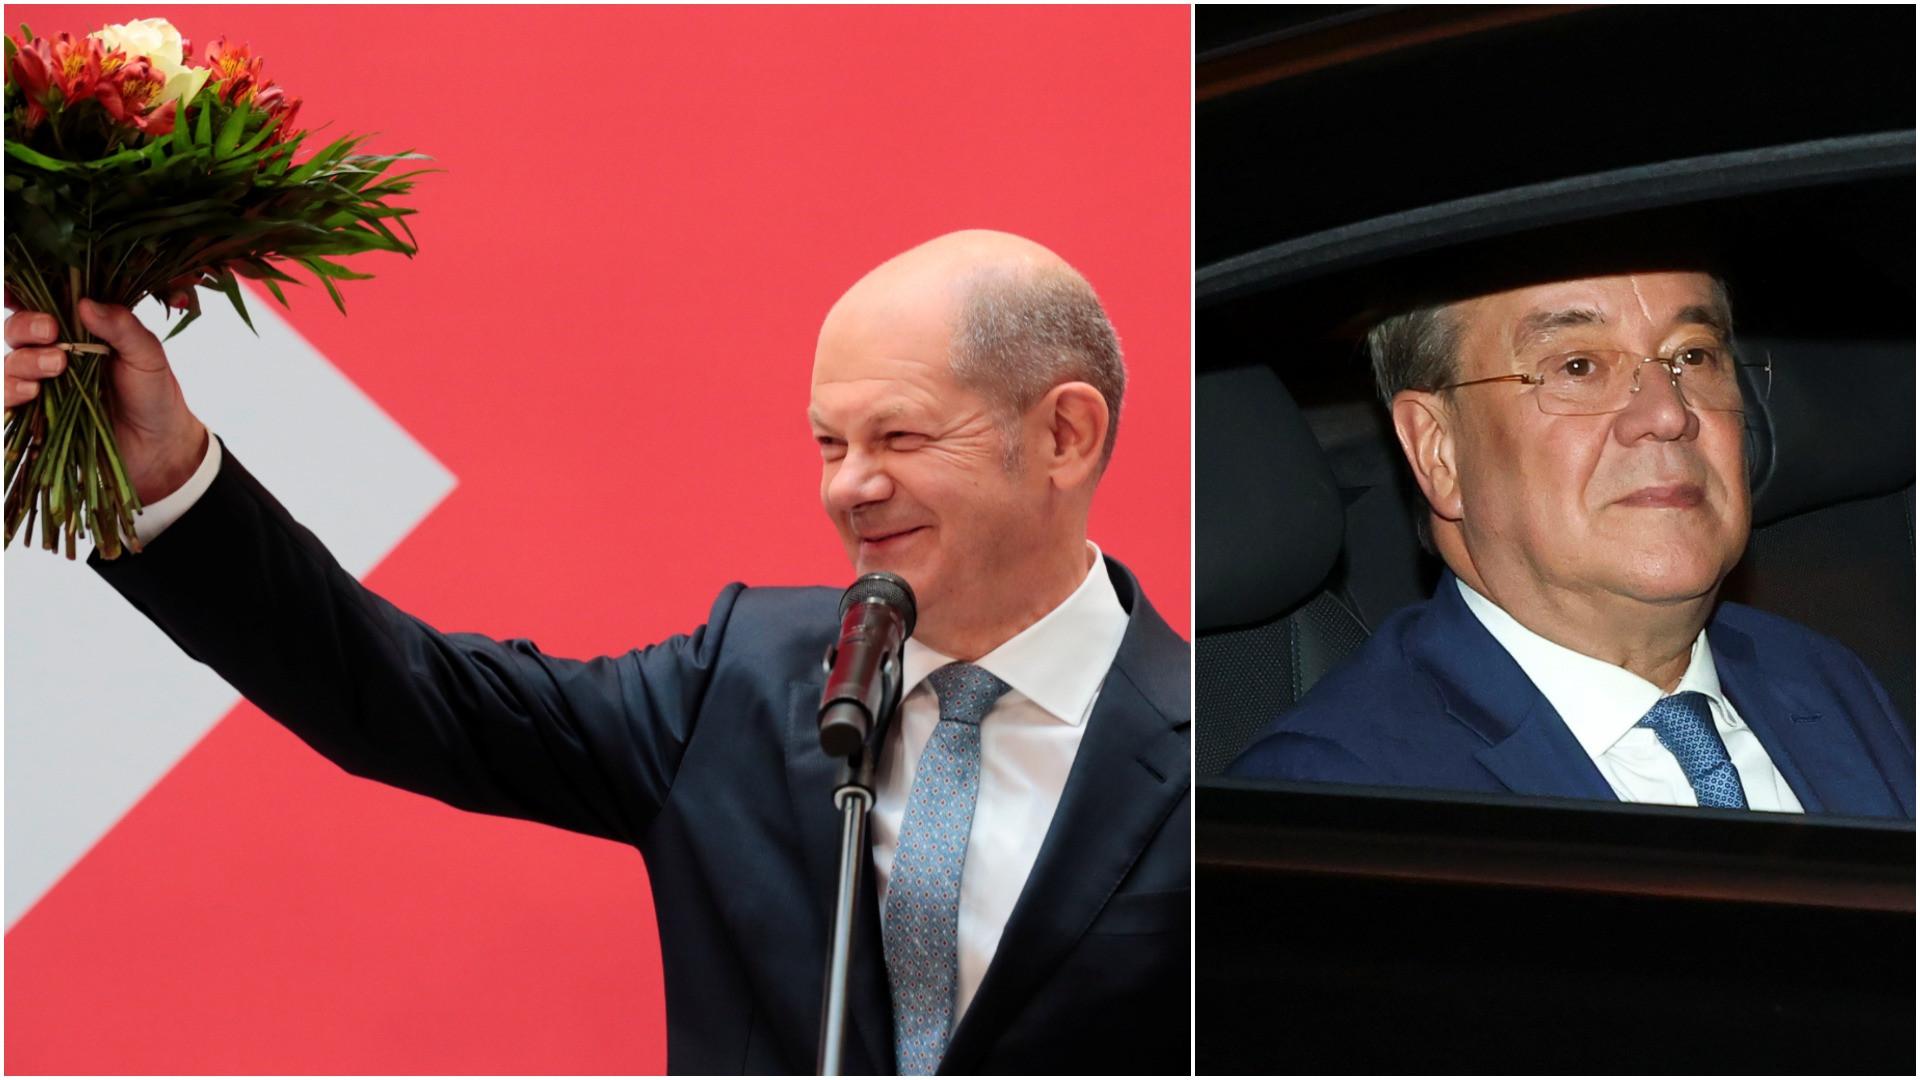 Němce čekají dlouhá koaliční jednání. Kancléřem chtějí být dva. Sestaví semafor, nebo Jamajku?